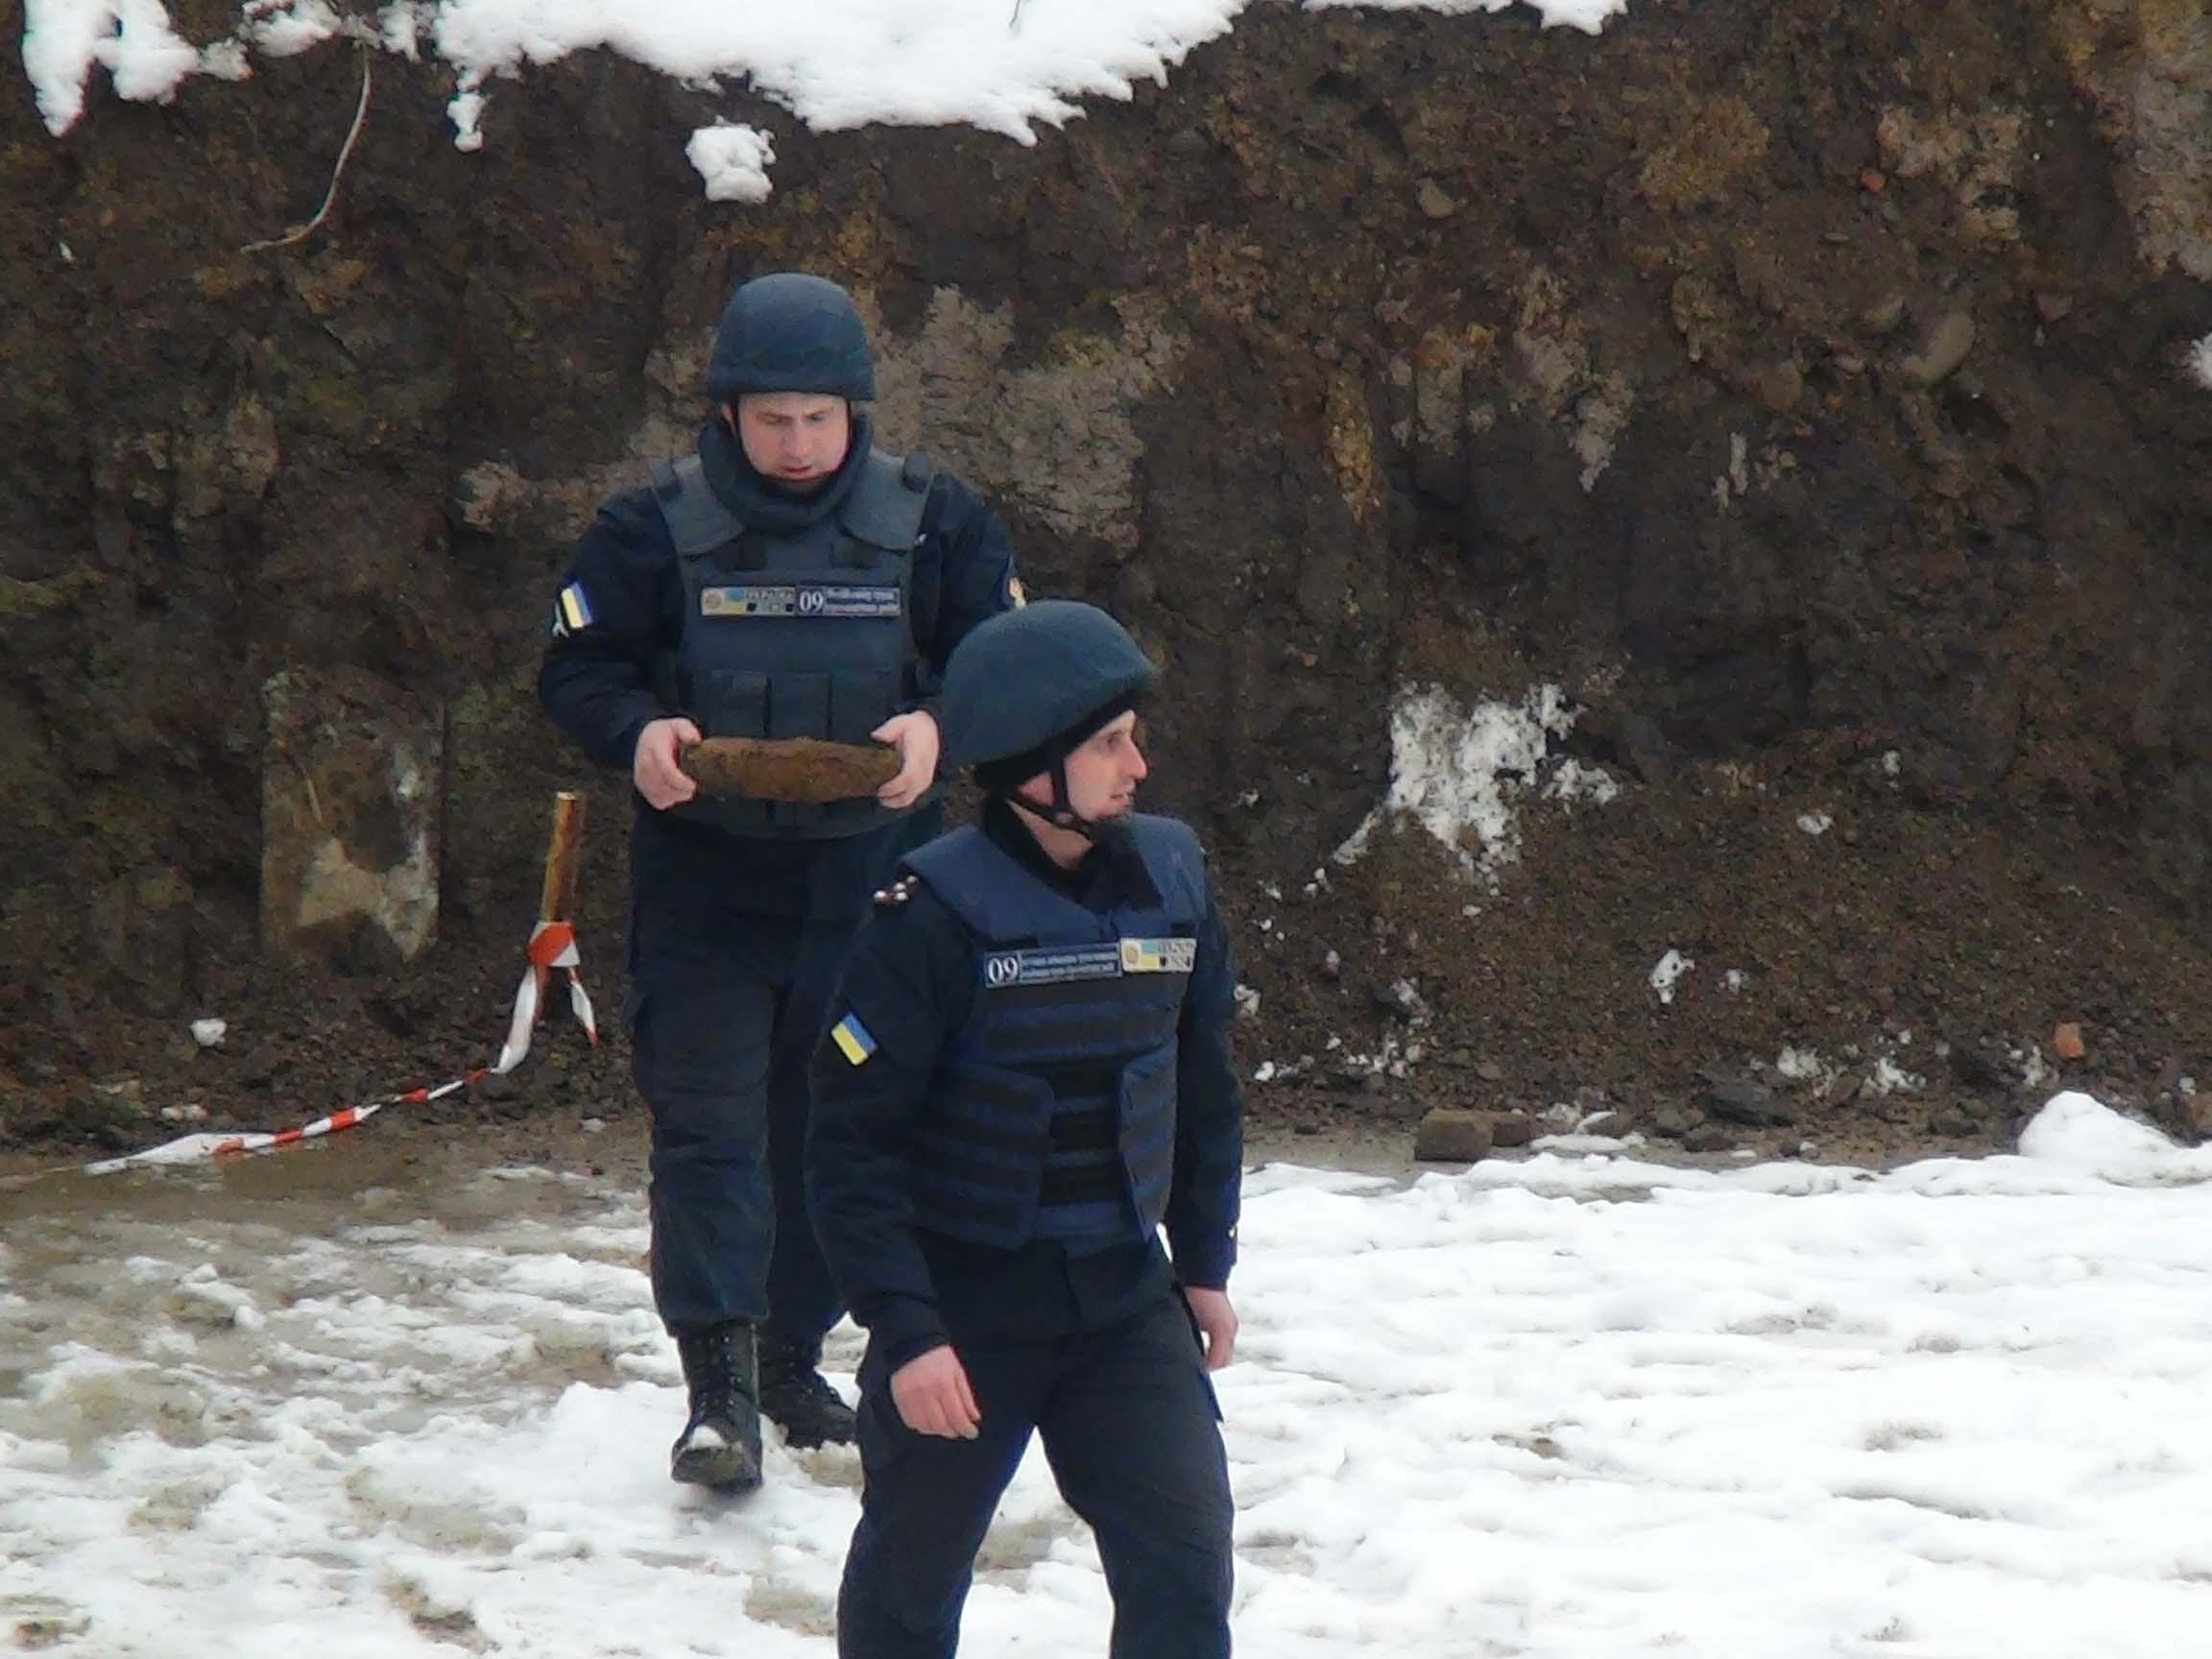 На Прикарпатті піротехніки знищили вибухонебезпечний предмет (ФОТО)